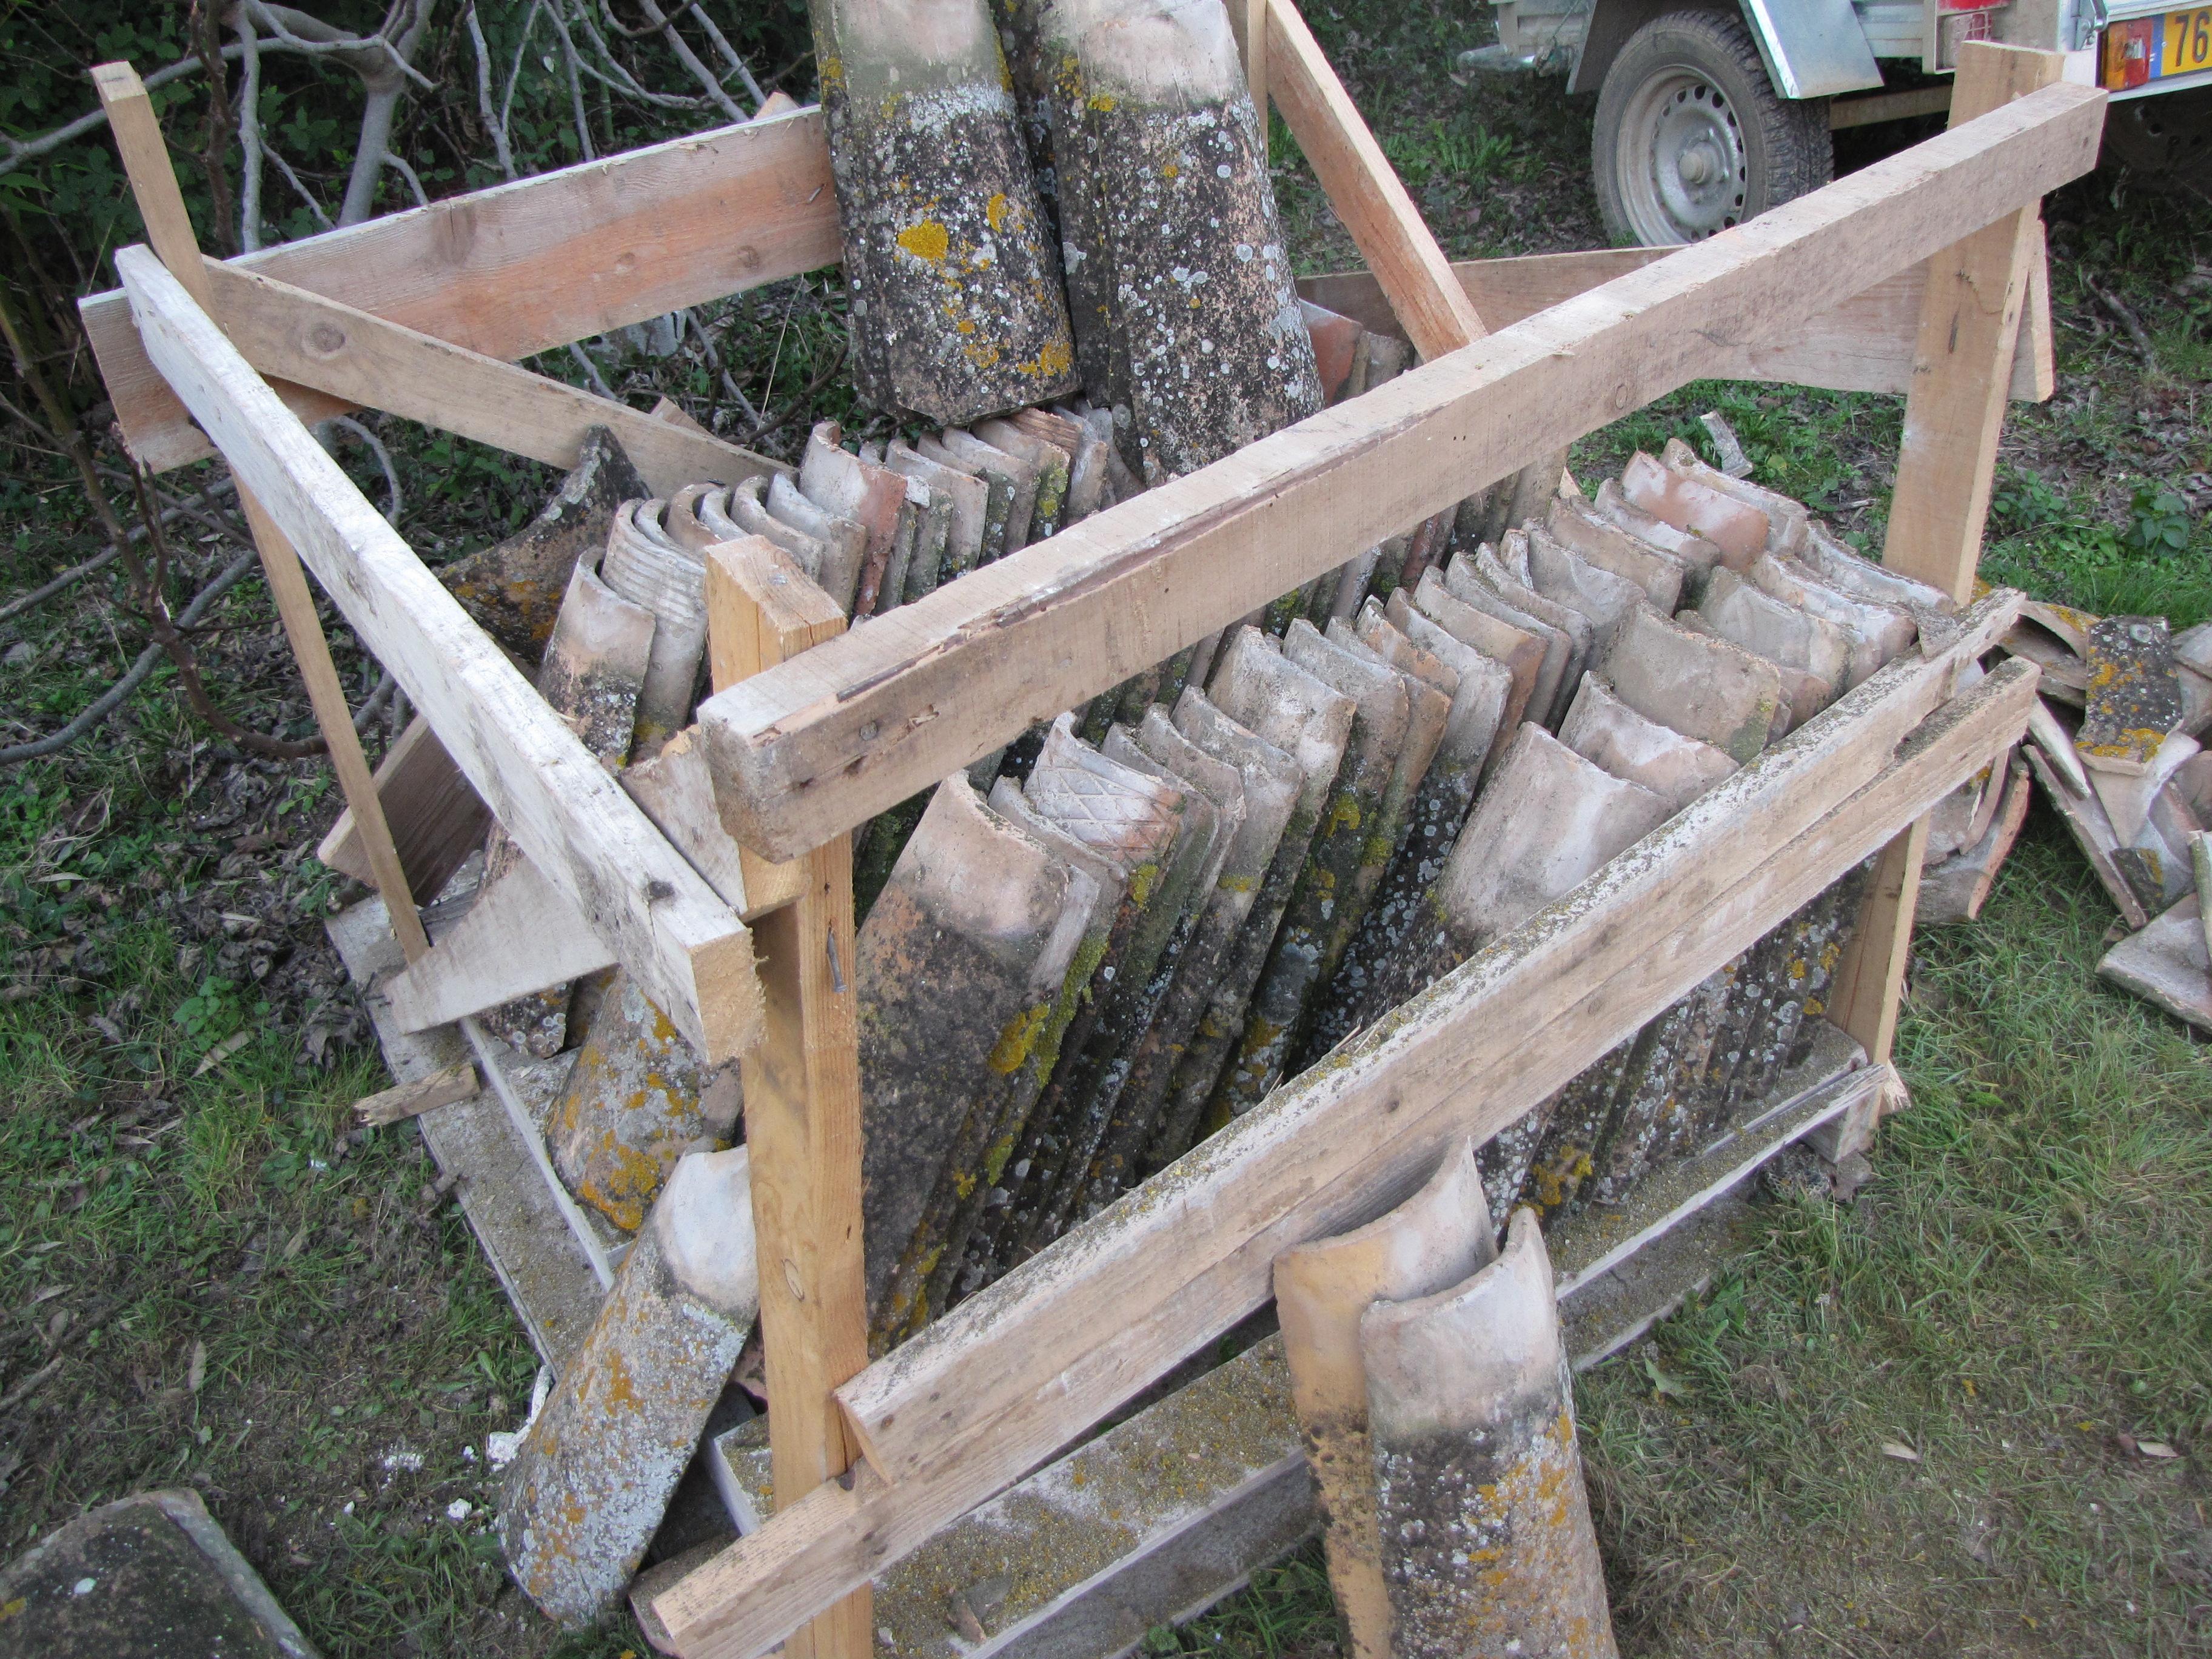 Desportes rénovation, 30. Mas : Réutilisations des tuiles anciennes récupérées lors du démontage de la toiture.